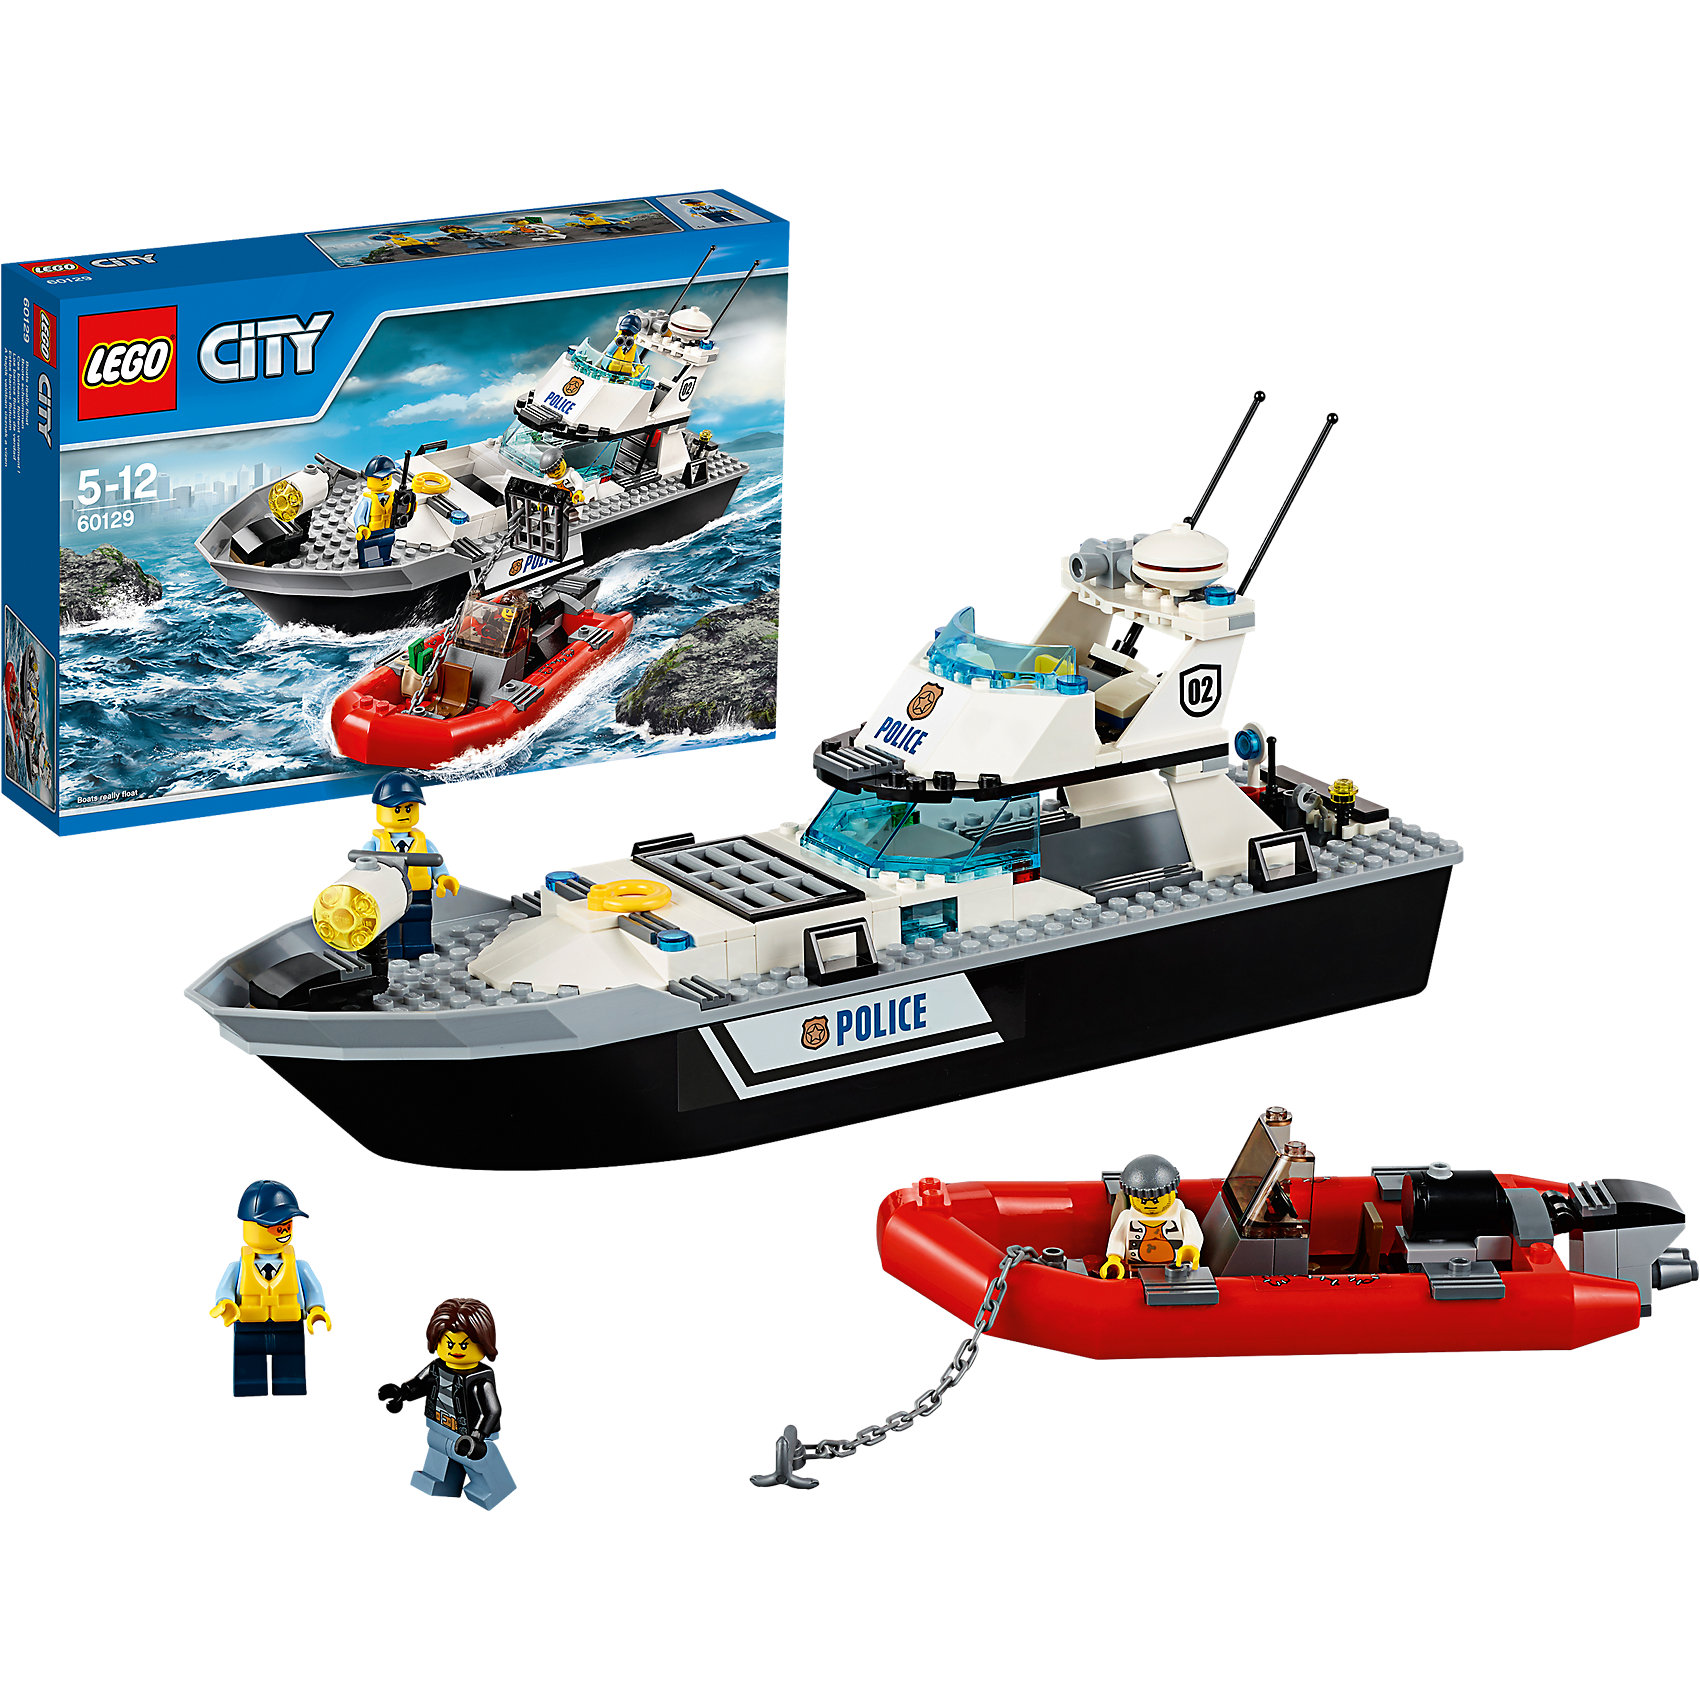 LEGO City 60129: Полицейский патрульный катерКонструктор LEGO City (ЛЕГО Сити) 60128: Полицейская погоня подарит Вашему ребенку новые веселые приключения и расширит игровые возможности. Полицейские Лего Сити на своем большом катере транспортируют преступника на остров-тюрьму. Но его напарник пытается освободить своего сообщника. Он подплыл на надувной лодке к катеру и цепляет решетку камеры к лодке с помощью якоря - преступник вот-вот окажется на свободе, скрывшись с награбленными деньгами! Помоги полицейским предотвратить побег и сохранить порядок в городе. Из деталей набора Вы сможете собрать впечатляющий патрульным катер со множеством интересных элементов. В носовой части палубы установлен мощный противотуманный прожектор, за ним располагается тюремная камера с решёткой, в которой можно разместить минифигурку заключенного. Над палубой возвышается двухуровневый капитанский мостик, а этажом ниже - каюта для отдыха полицейских, в которую можно спуститься по подвесной лестнице. Лодка преступников оснащена мощным мотором, тонированным ветровым стеклом и сиденьями для водителя и пассажира. В комплект также входят различные игровые аксессуары и четыре минифигурки: 2 полицейских и 2 преступника. <br><br>Серия конструкторов  LEGO City позволяет почувствовать себя инженером и архитектором, строителем или мэром города. Вы можете создавать свой город мечты, развивать городскую инфраструктуру, строить дороги и здания, управлять городским хозяйством и следить за порядком.<br>В игровых наборах с разнообразными сюжетами много интересных персонажей, оригинальных объектов и городской техники. Это уникальная возможность для ребенка развивать фантазию и логическое мышление, узнавать и осваивать разные профессии.<br><br>Дополнительная информация:<br><br>- Игра с конструктором LEGO (ЛЕГО) развивает мелкую моторику ребенка, фантазию и воображение, учит его усидчивости и внимательности.<br>- Количество деталей: 200.<br>- Количество минифигур: 4.<br>- Серия: LEGO City (ЛЕГО Сити).<br>- М